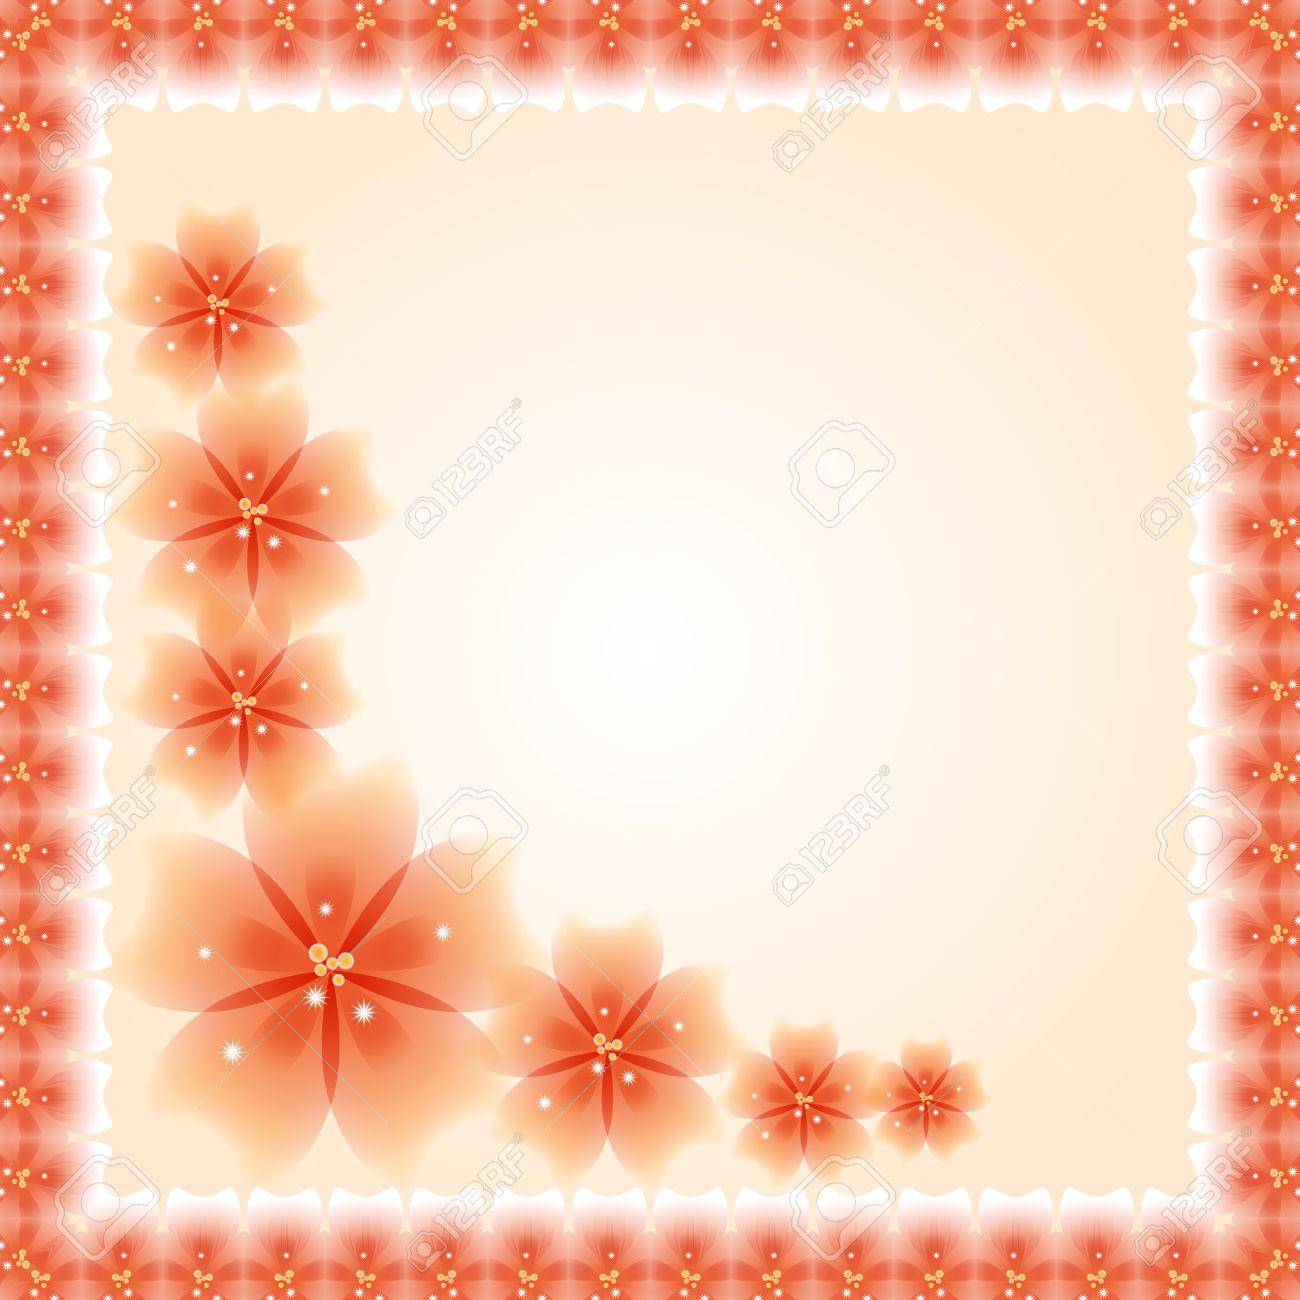 Asombroso Marcos De Los Vidrios De Color Naranja Friso - Ideas de ...